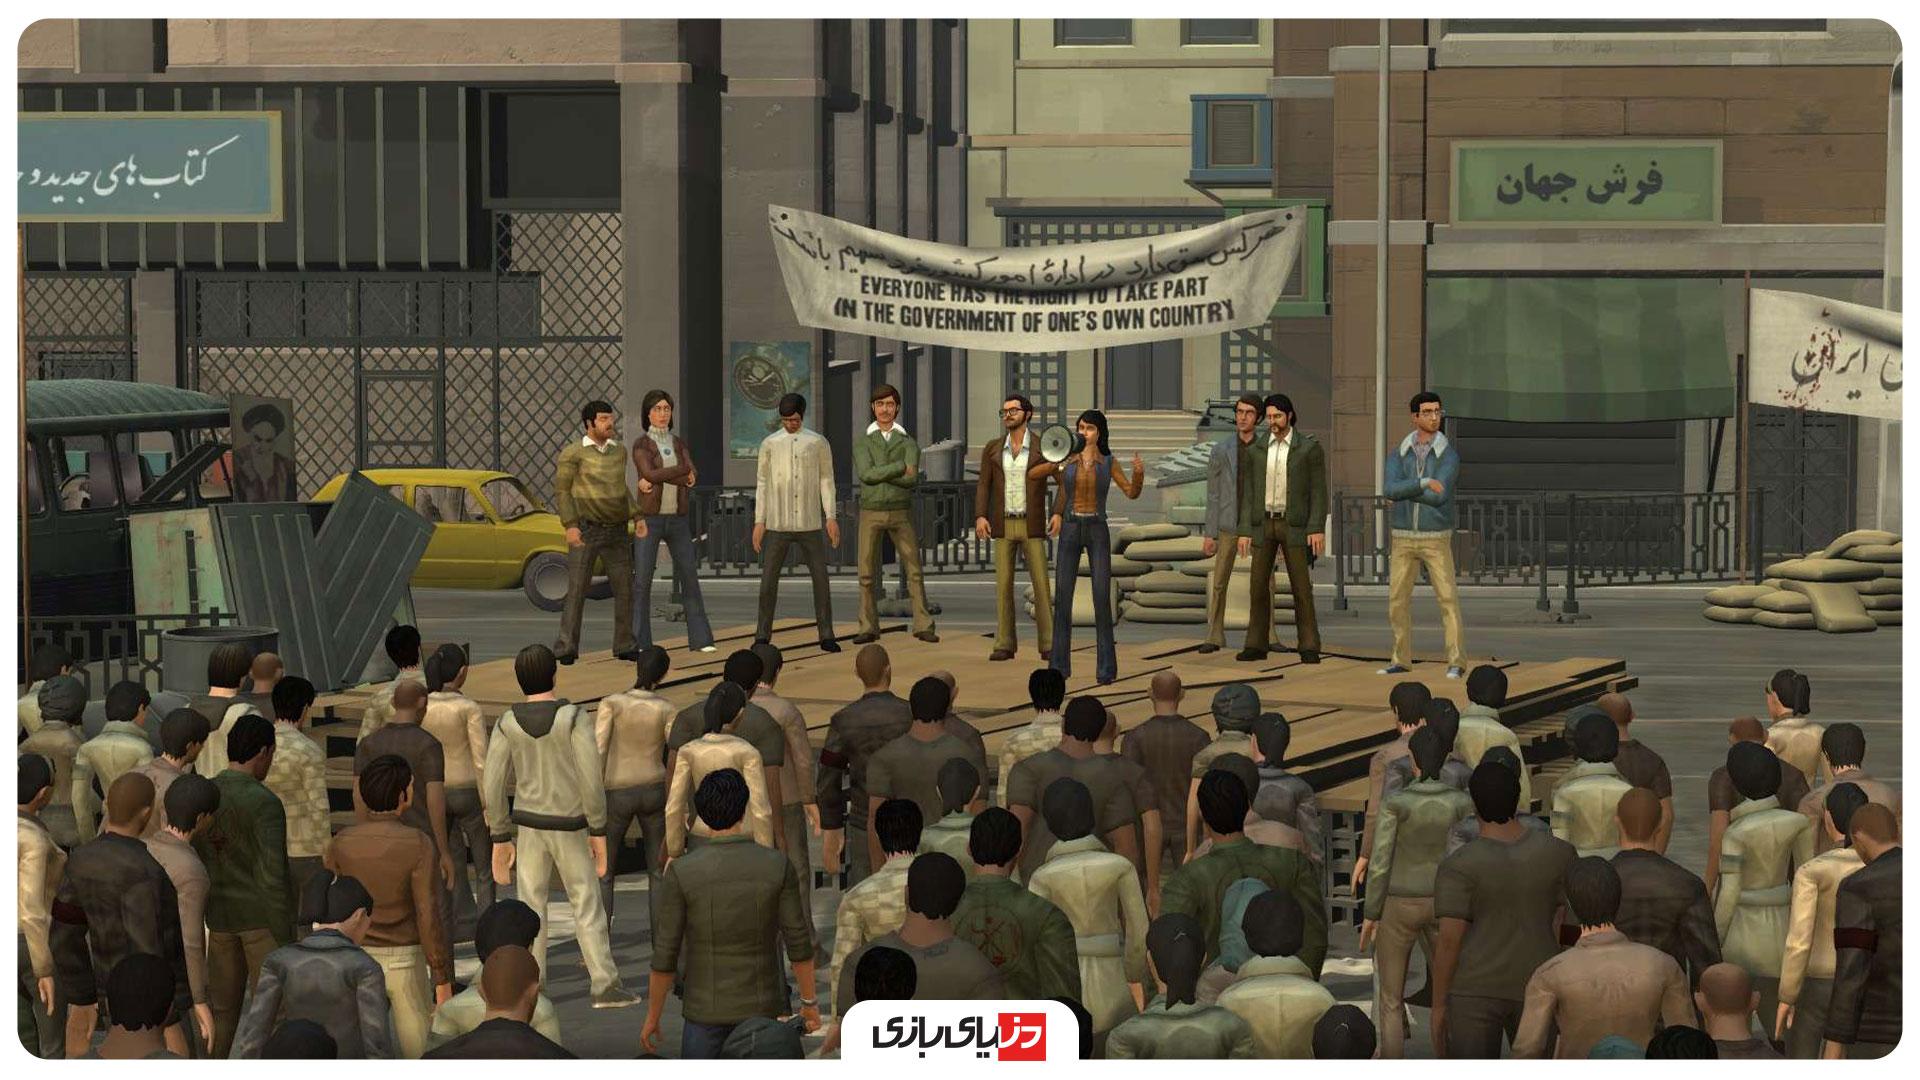 بازی های ممنوع شده در ایران